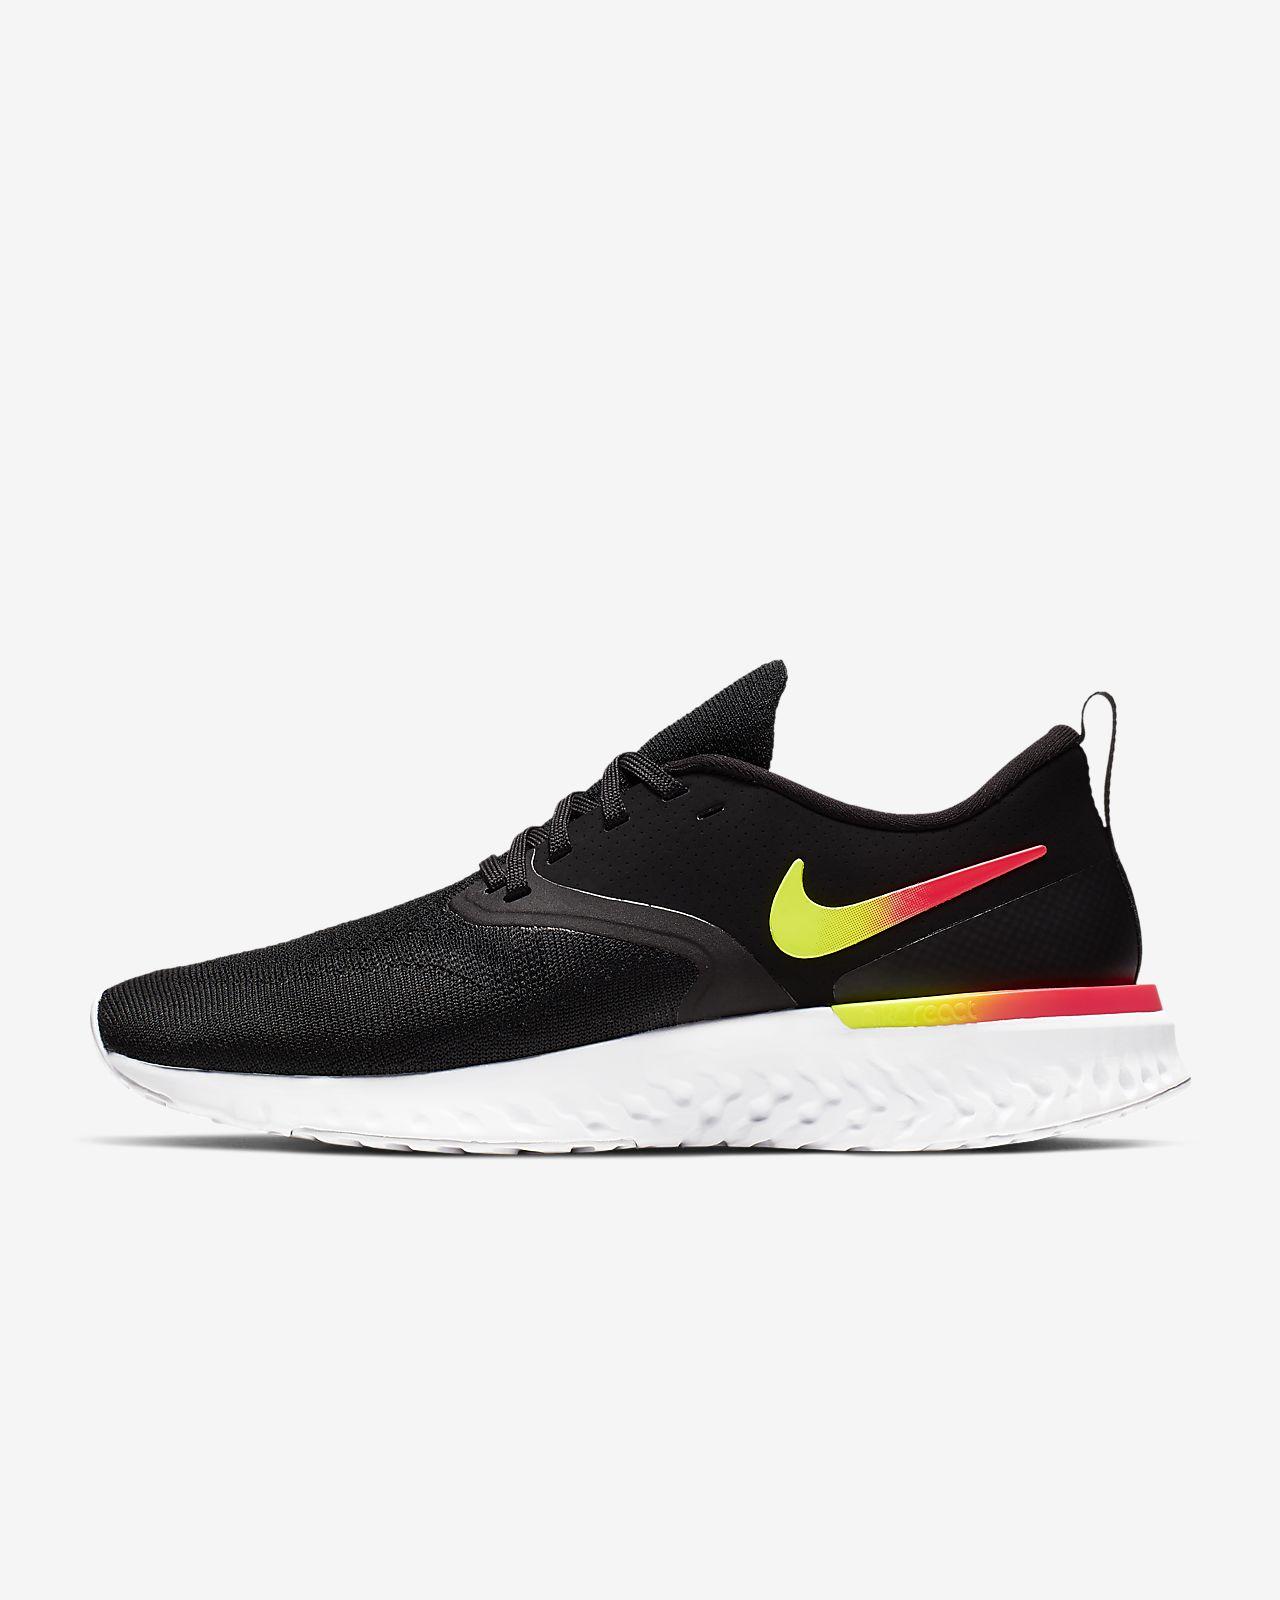 Nike Odyssey React Flyknit 2 Zapatillas de running - Mujer